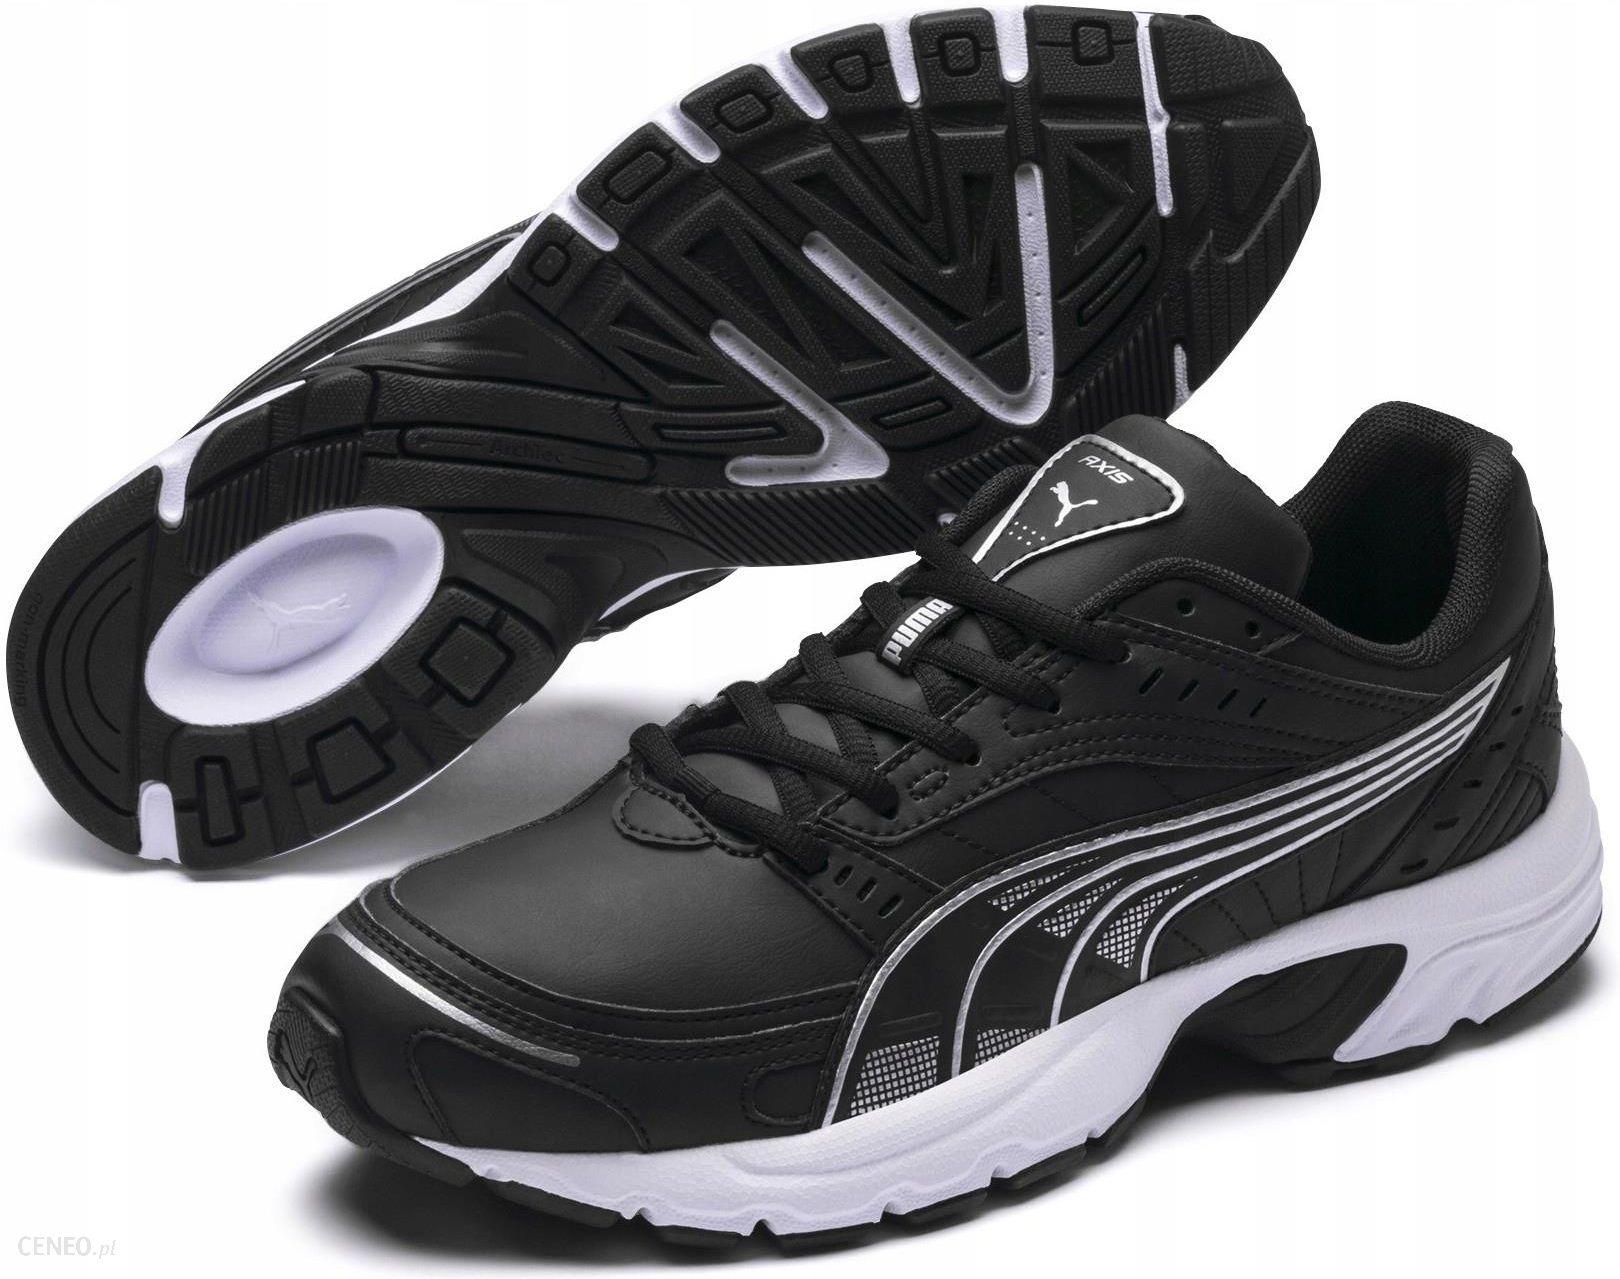 MĘSKIE sportowe ADIDASY z pumą BIAŁE buty 43 Zdjęcie na imgED